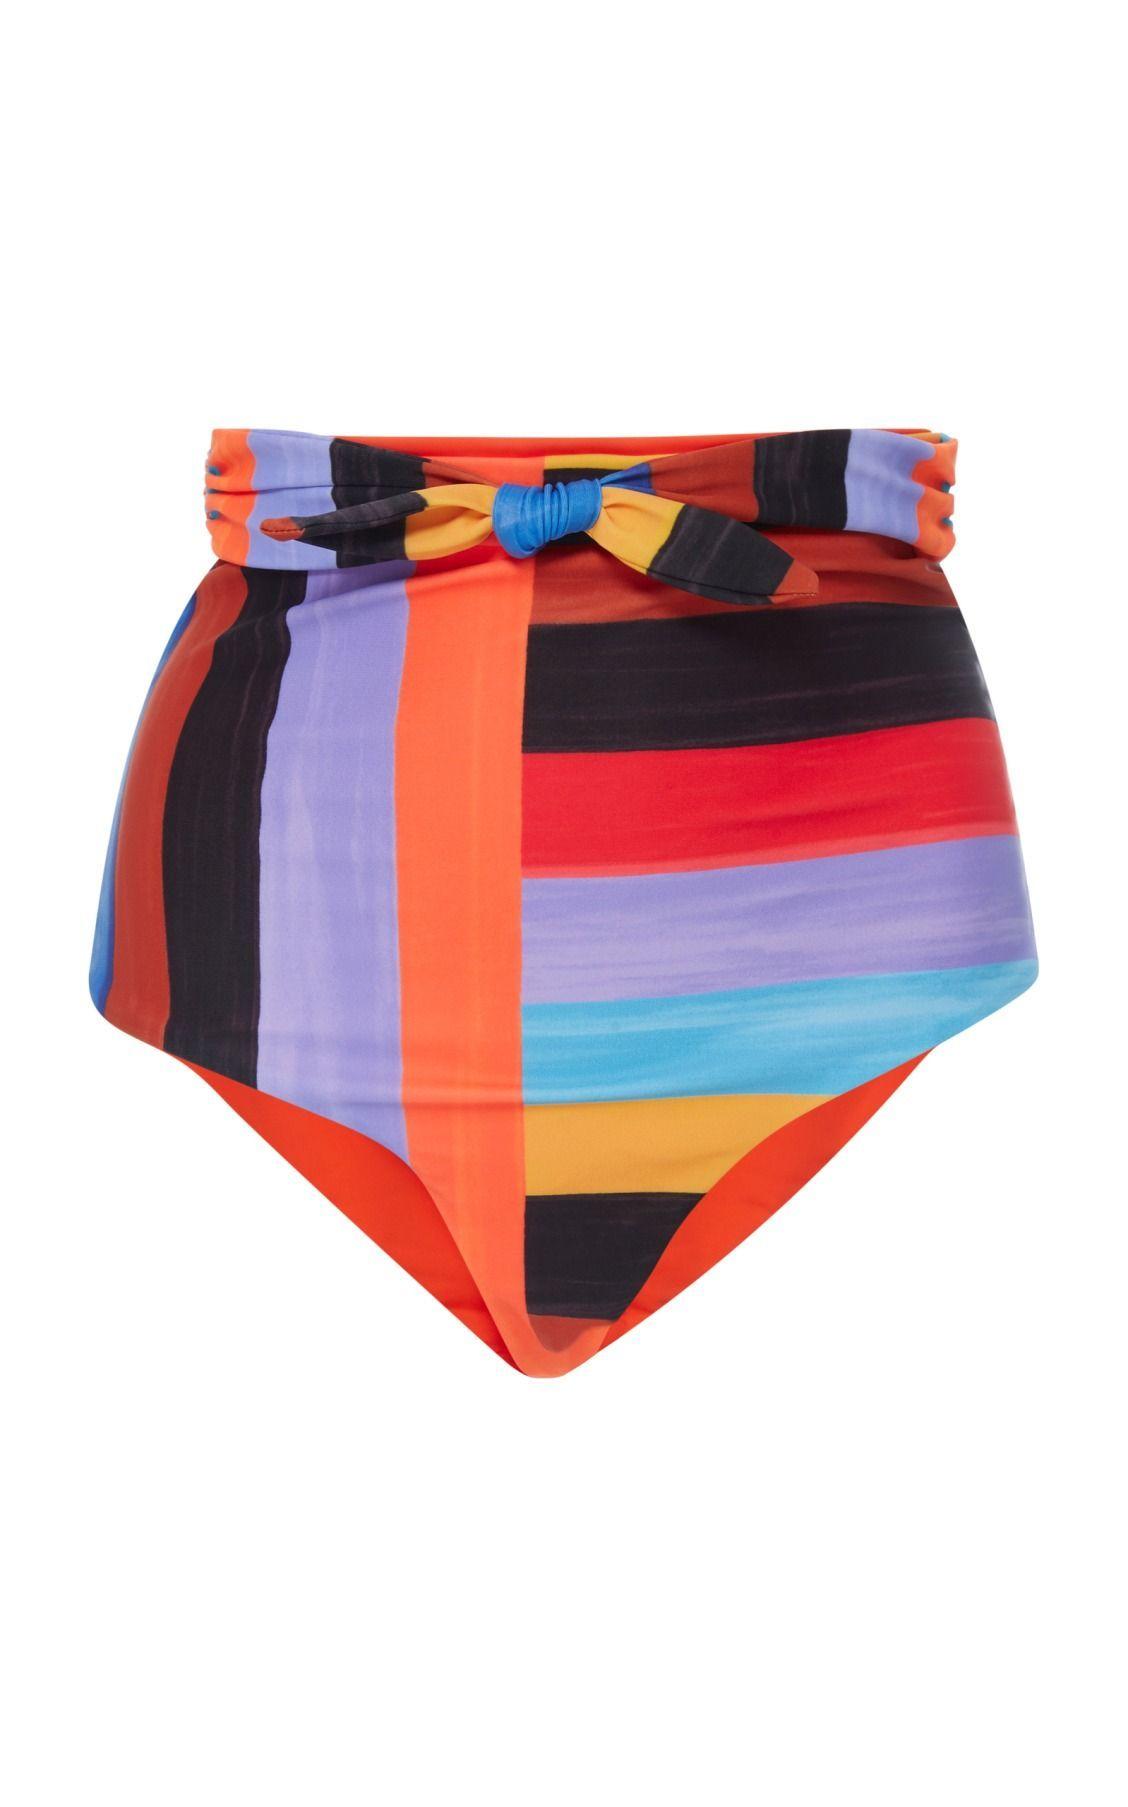 b6cbc43d2c Jay High Waisted Bikini Bottom by Mara Hoffman #bikiniswimwear ...